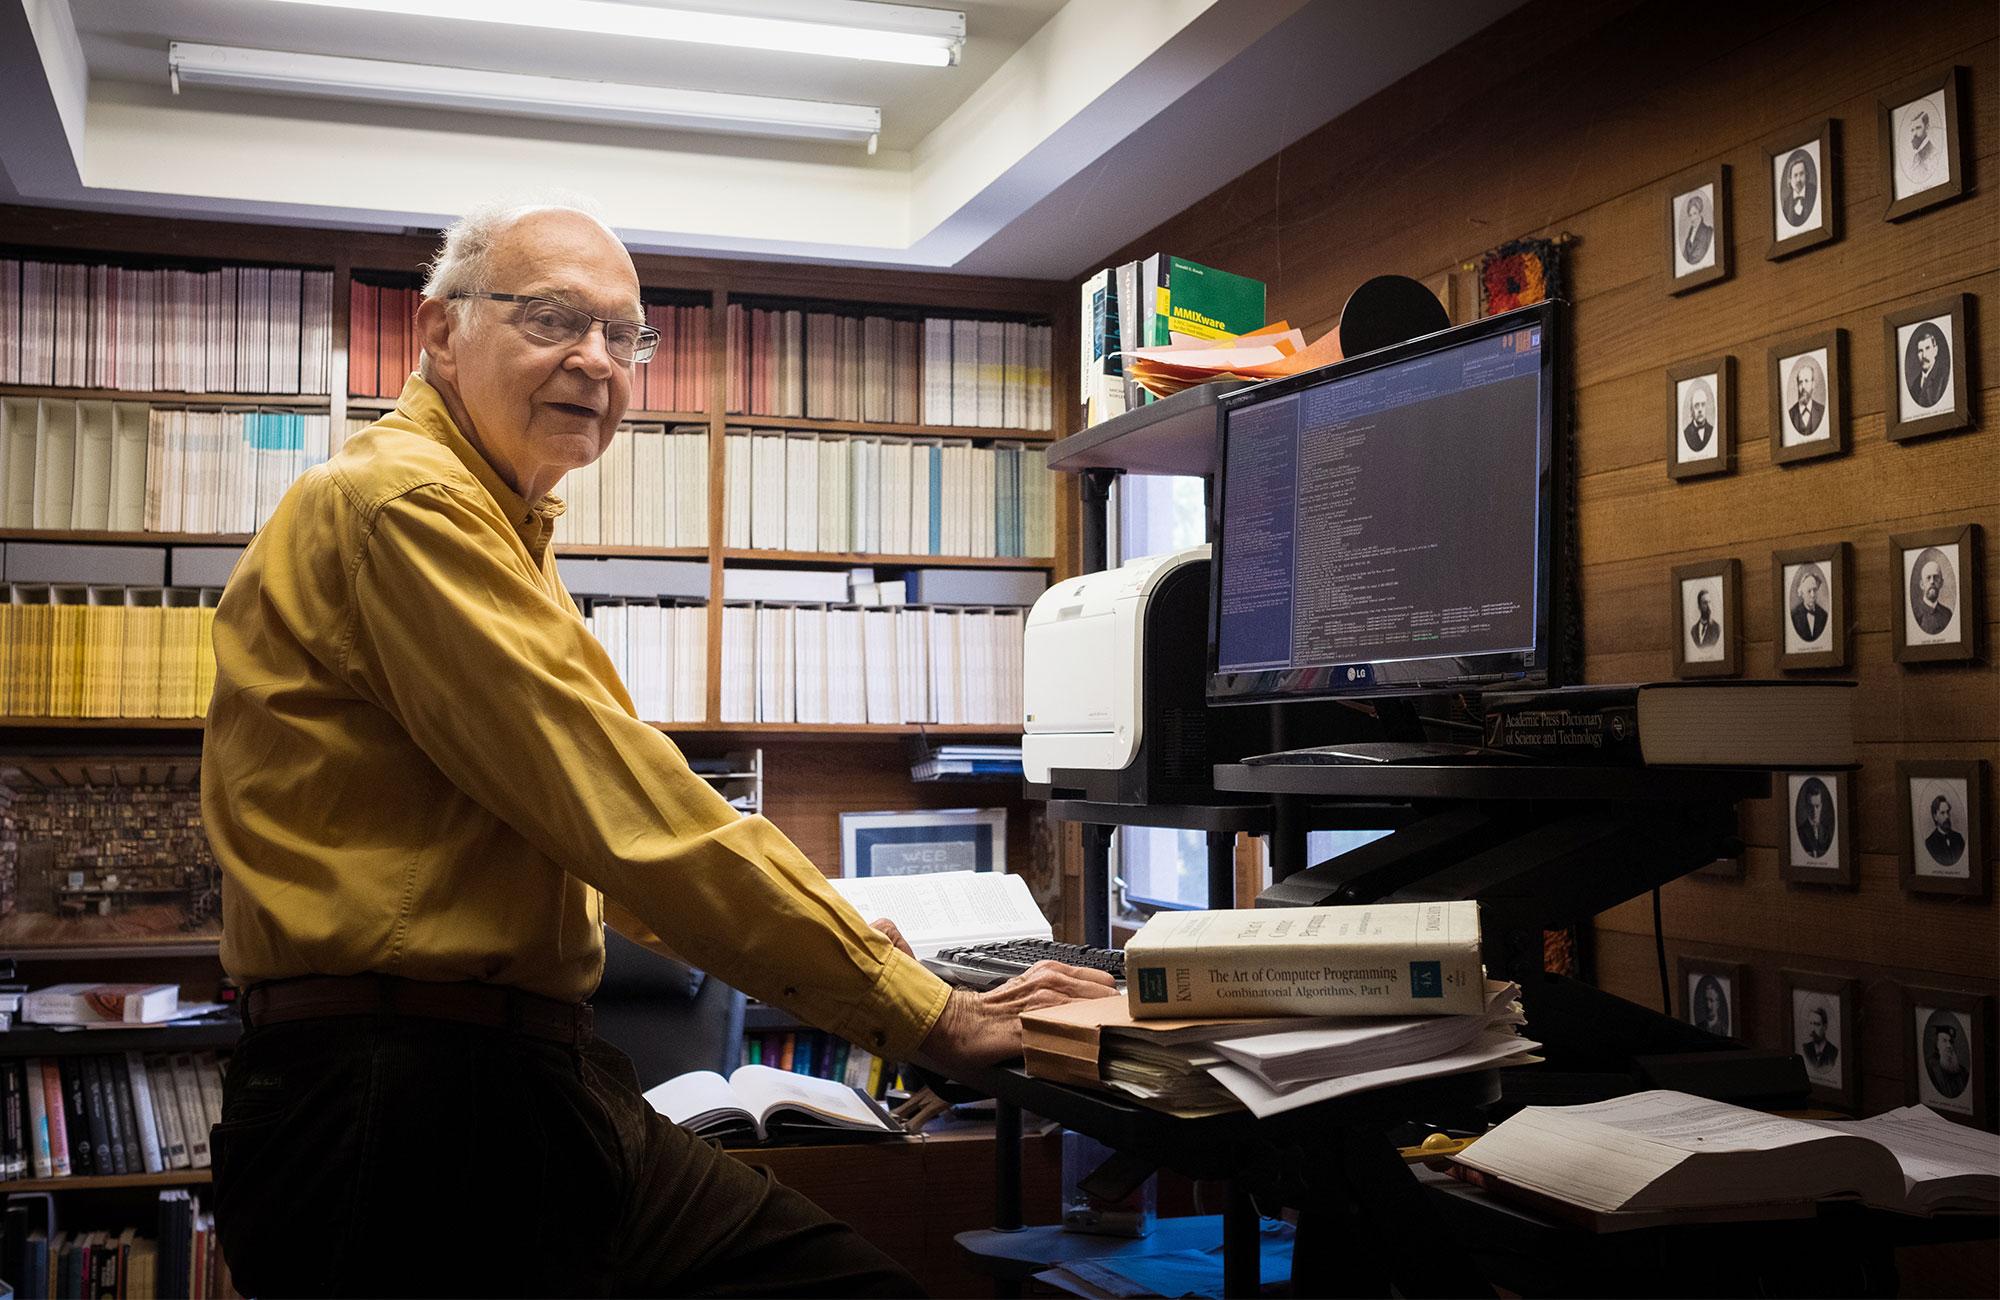 Donald Knuth nel suo studio